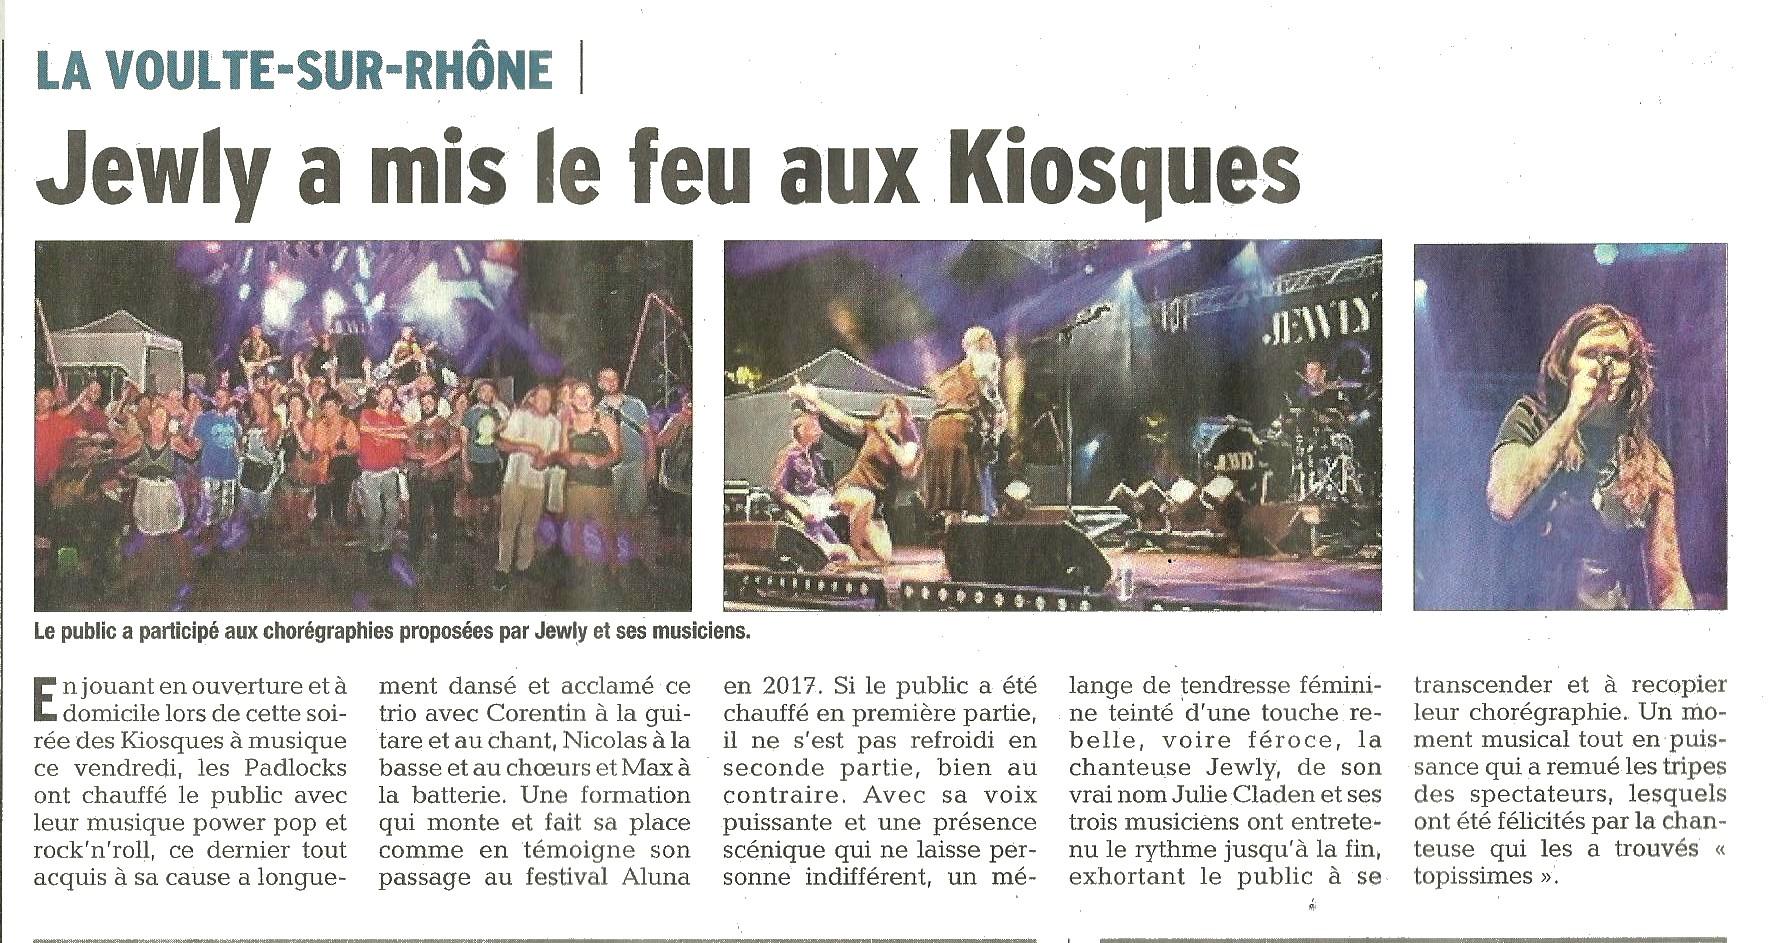 Le Dauphiné Libéré - 29/07/18